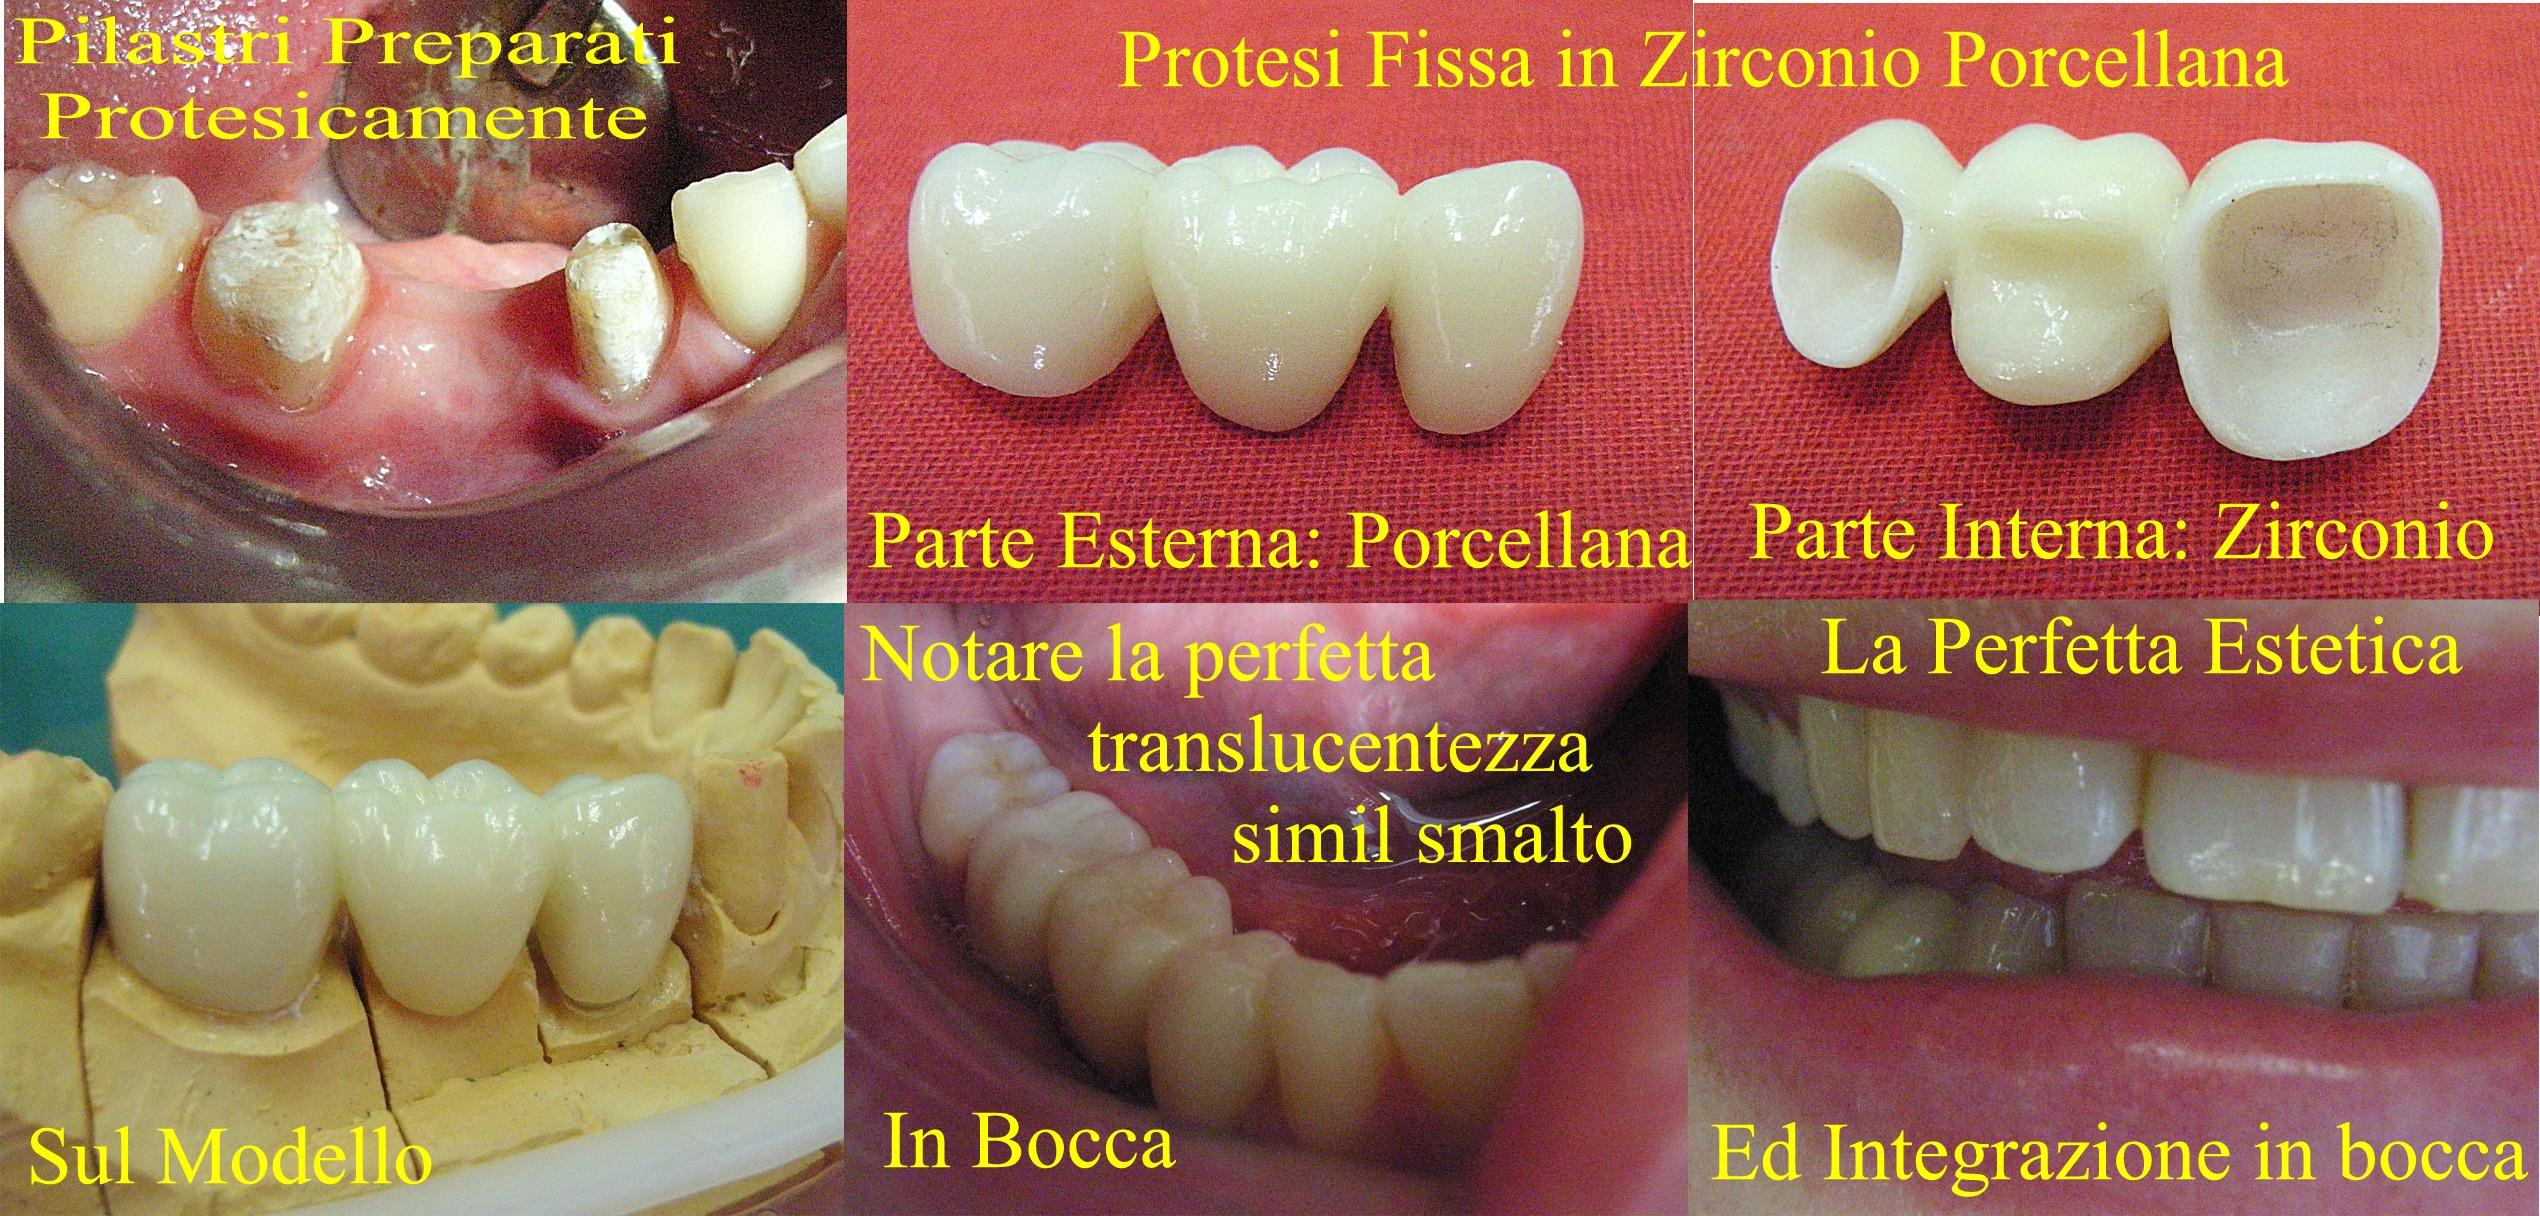 Ponte protesico di tre elementi in Zirconio porcellana. Da casistica della Dr.ssa Claudia Petti di Cagliari